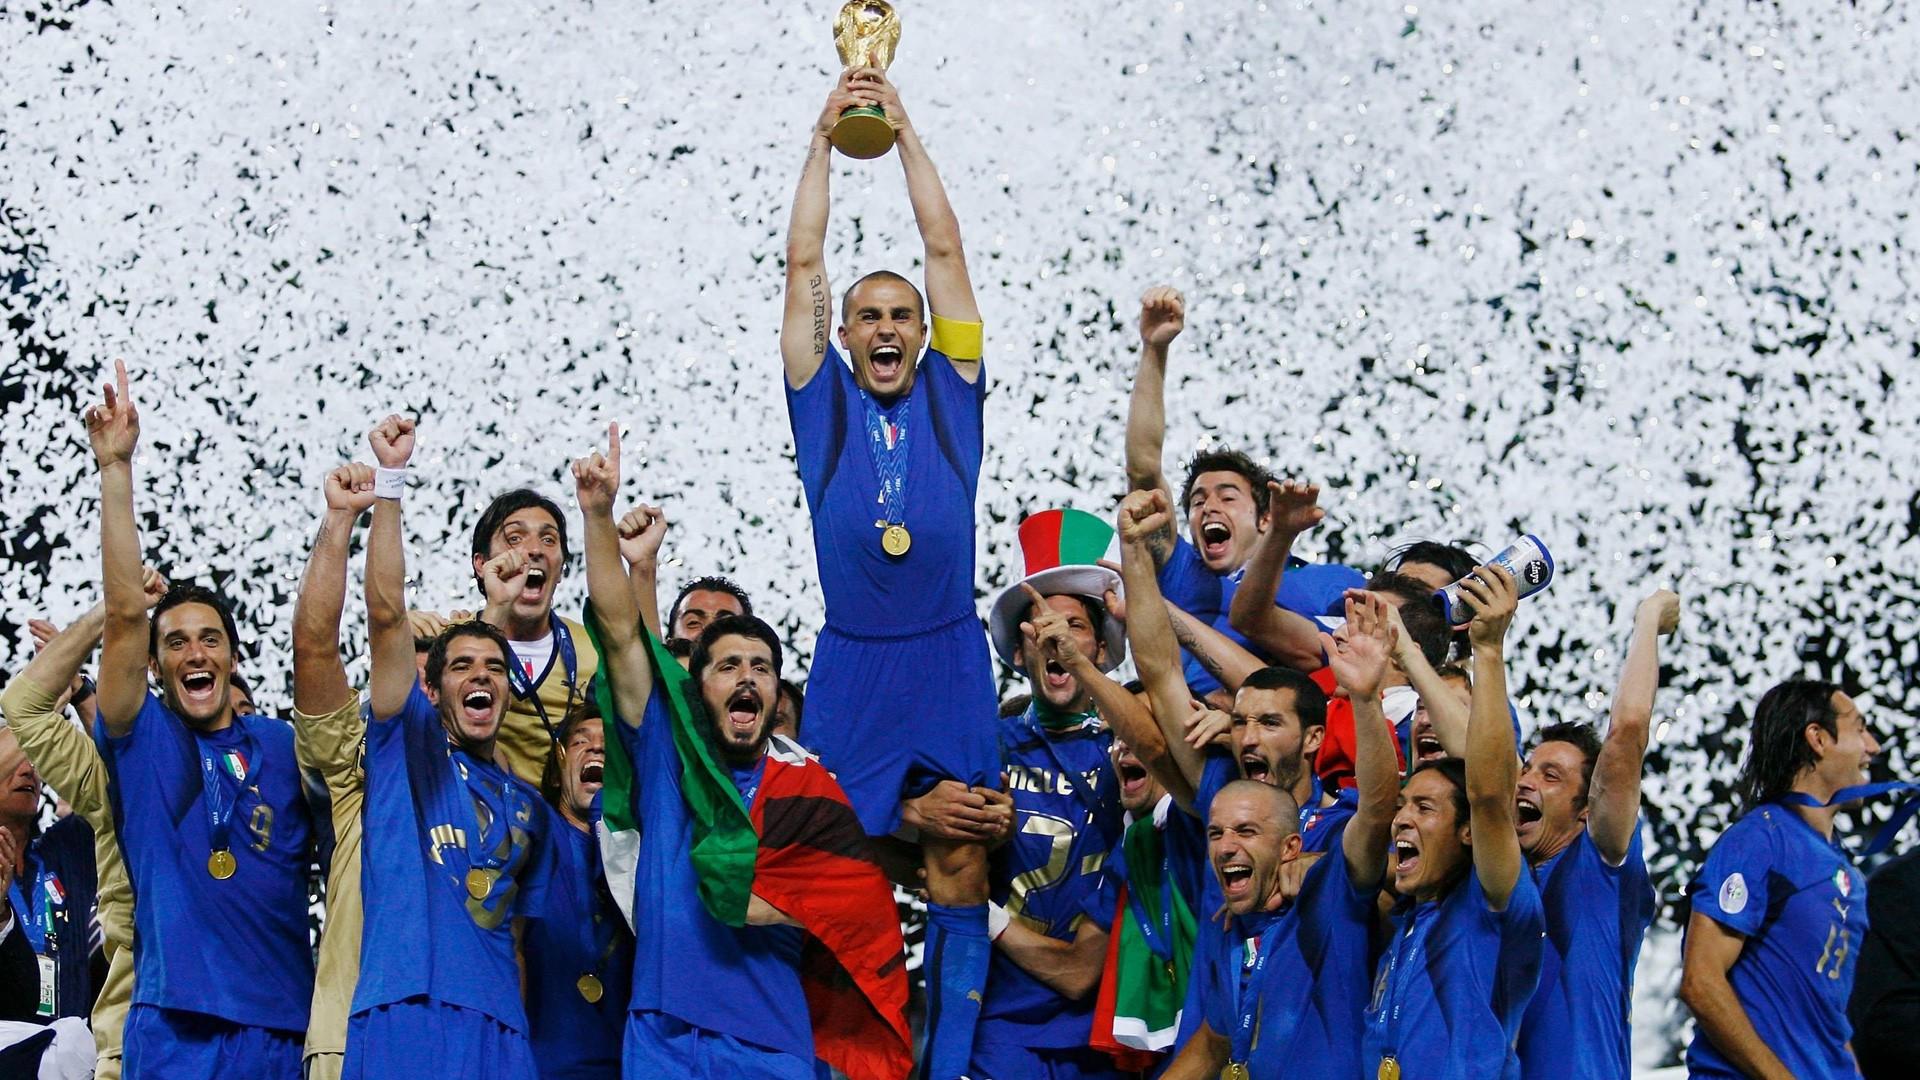 Италия - победитель ЧМ 2006